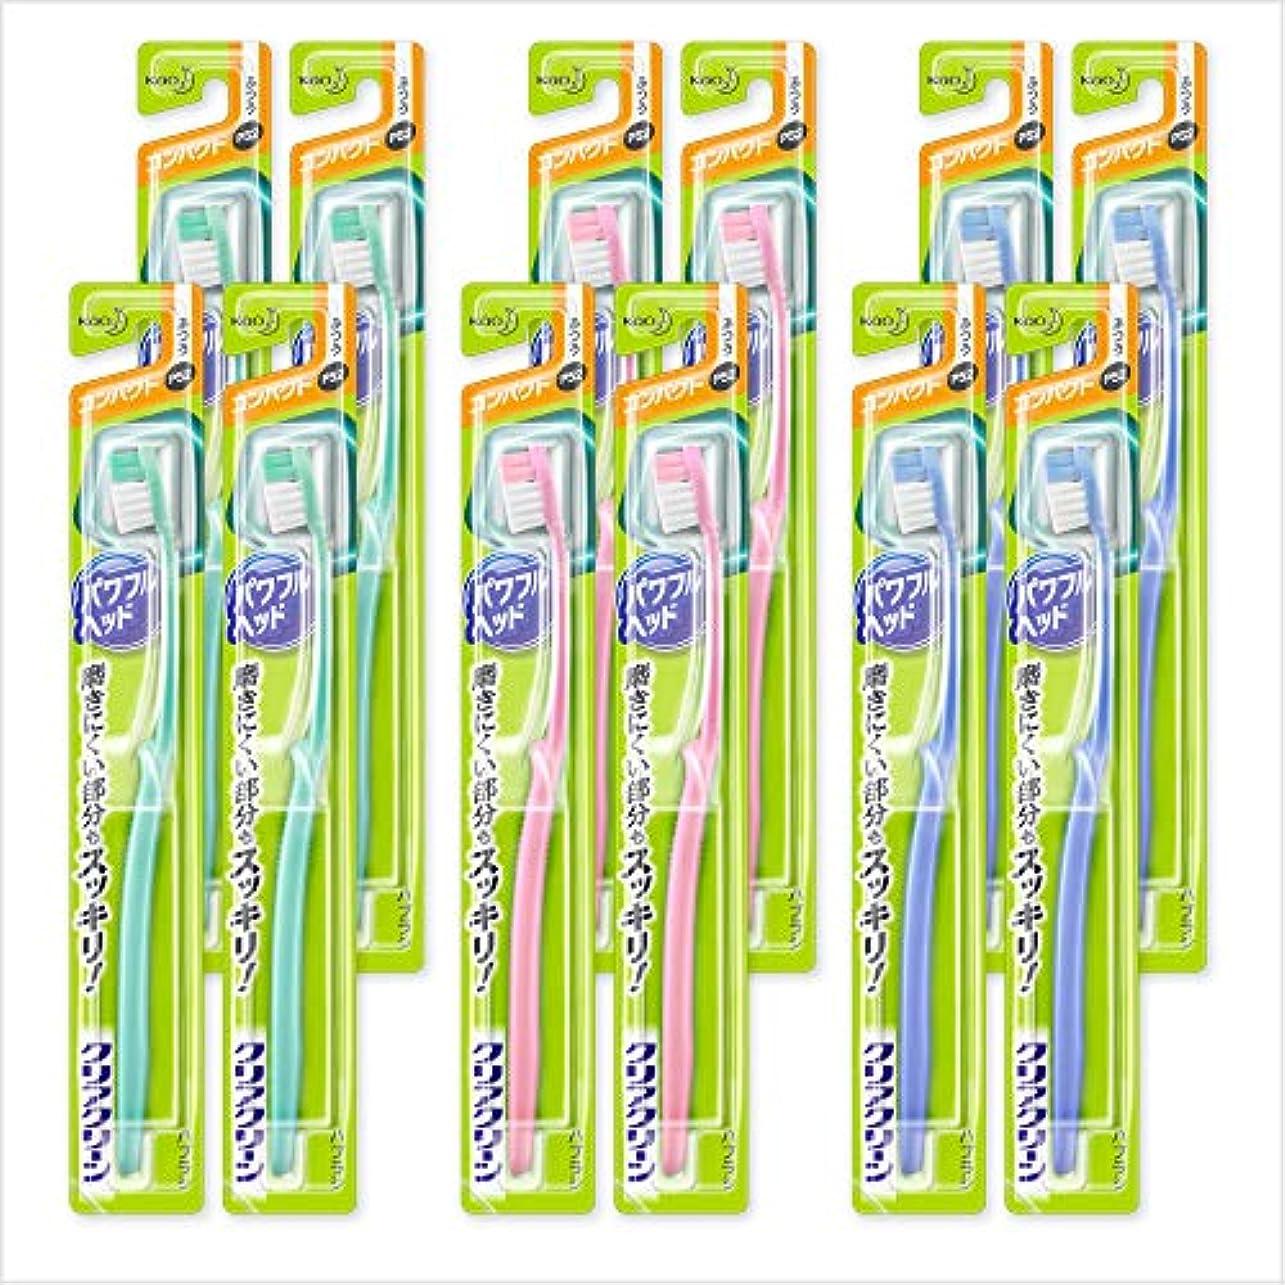 ビン財政テープ【まとめ買い】クリアクリーン パワフルヘッド コンパクト ふつう 12本セット